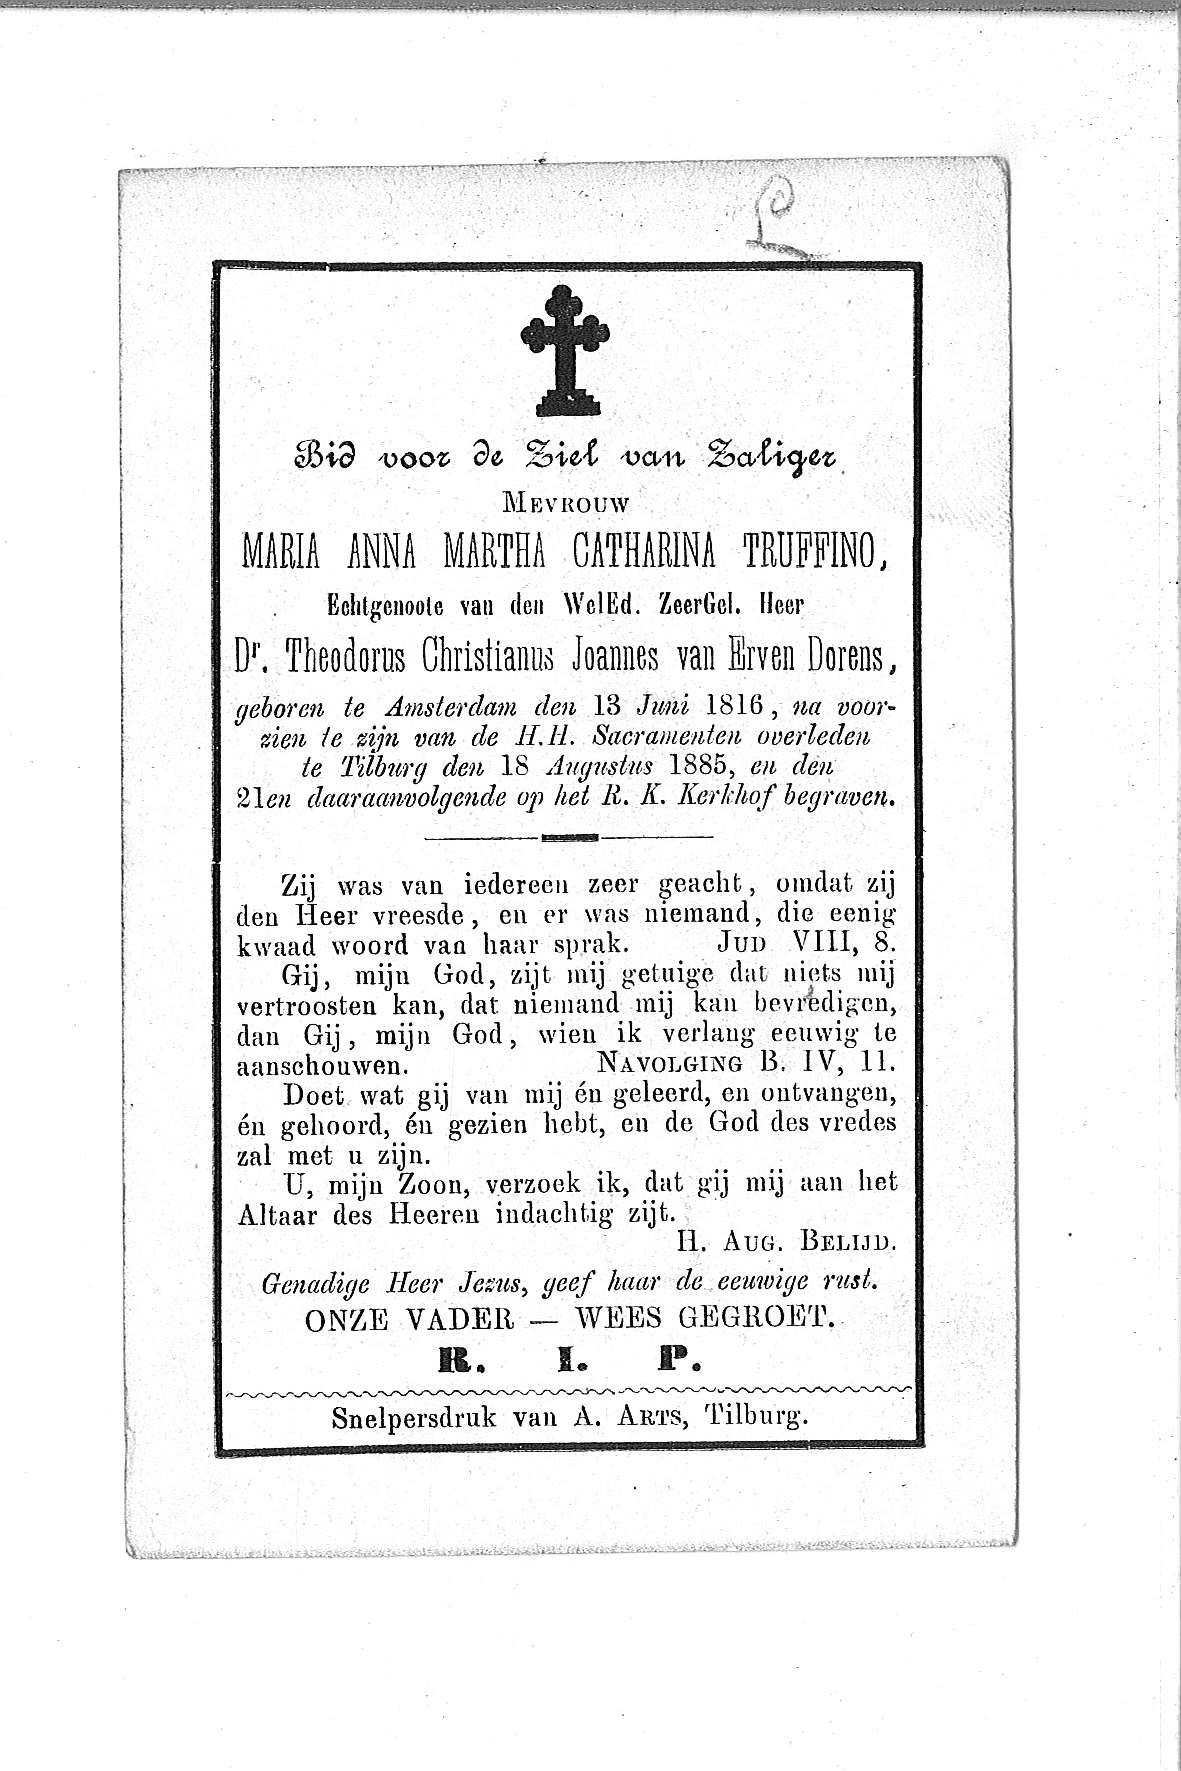 Maria-Anna-Martha-Catharina(1885)20120621134457_00129.jpg